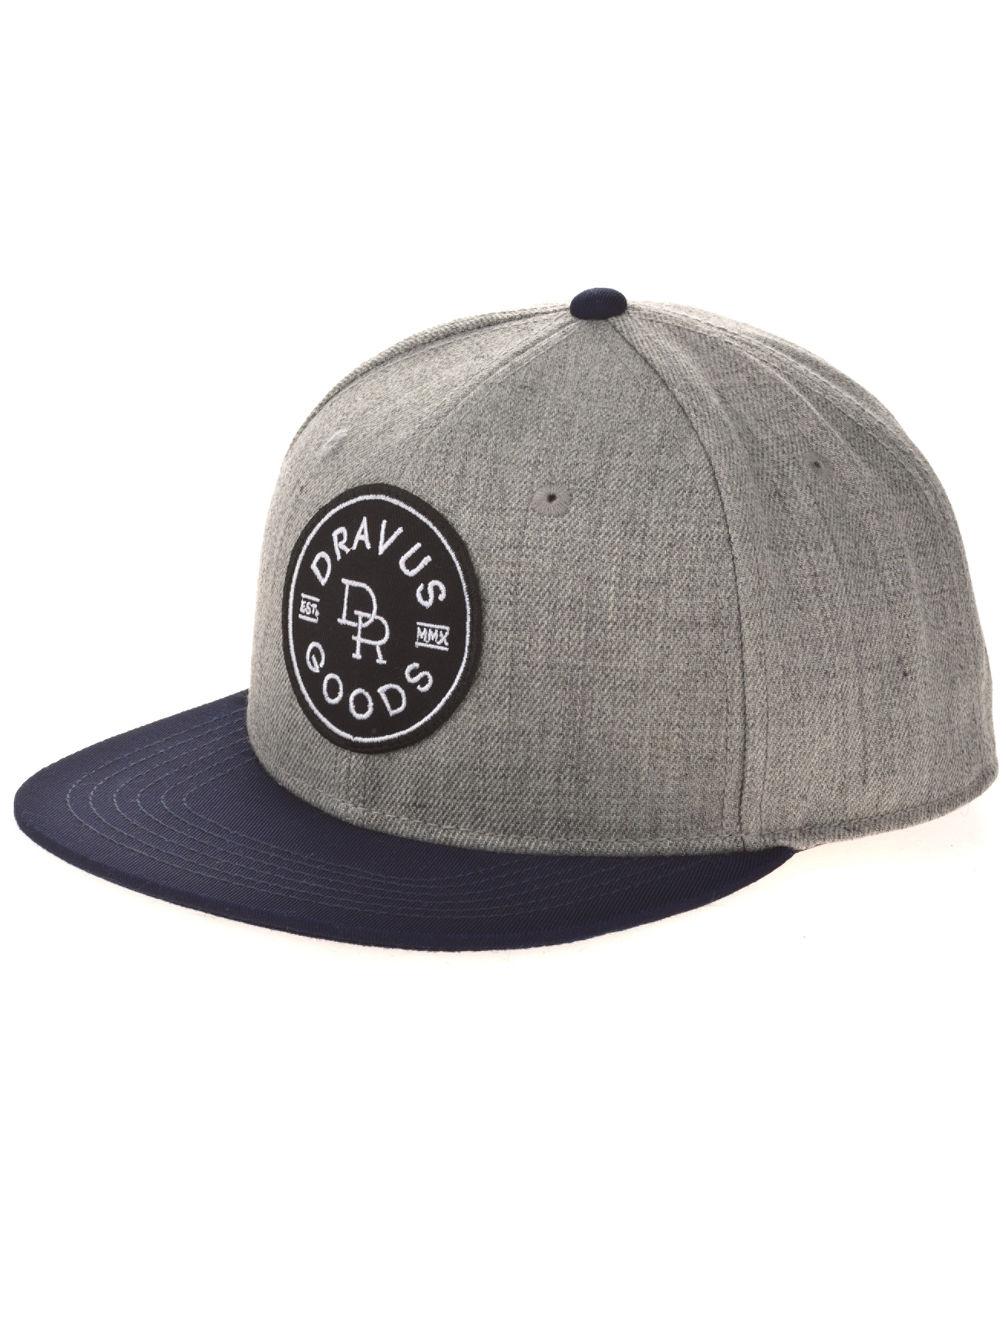 goods-cap